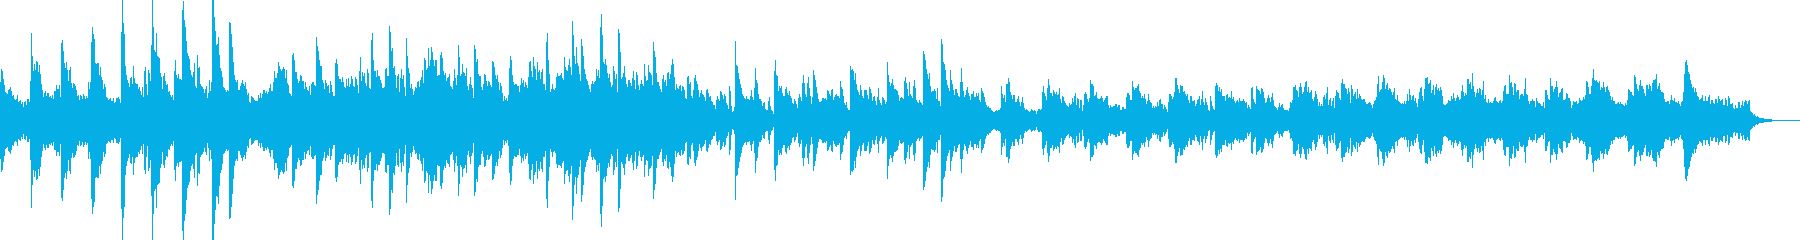 陰鬱とした雰囲気のBGMの再生済みの波形